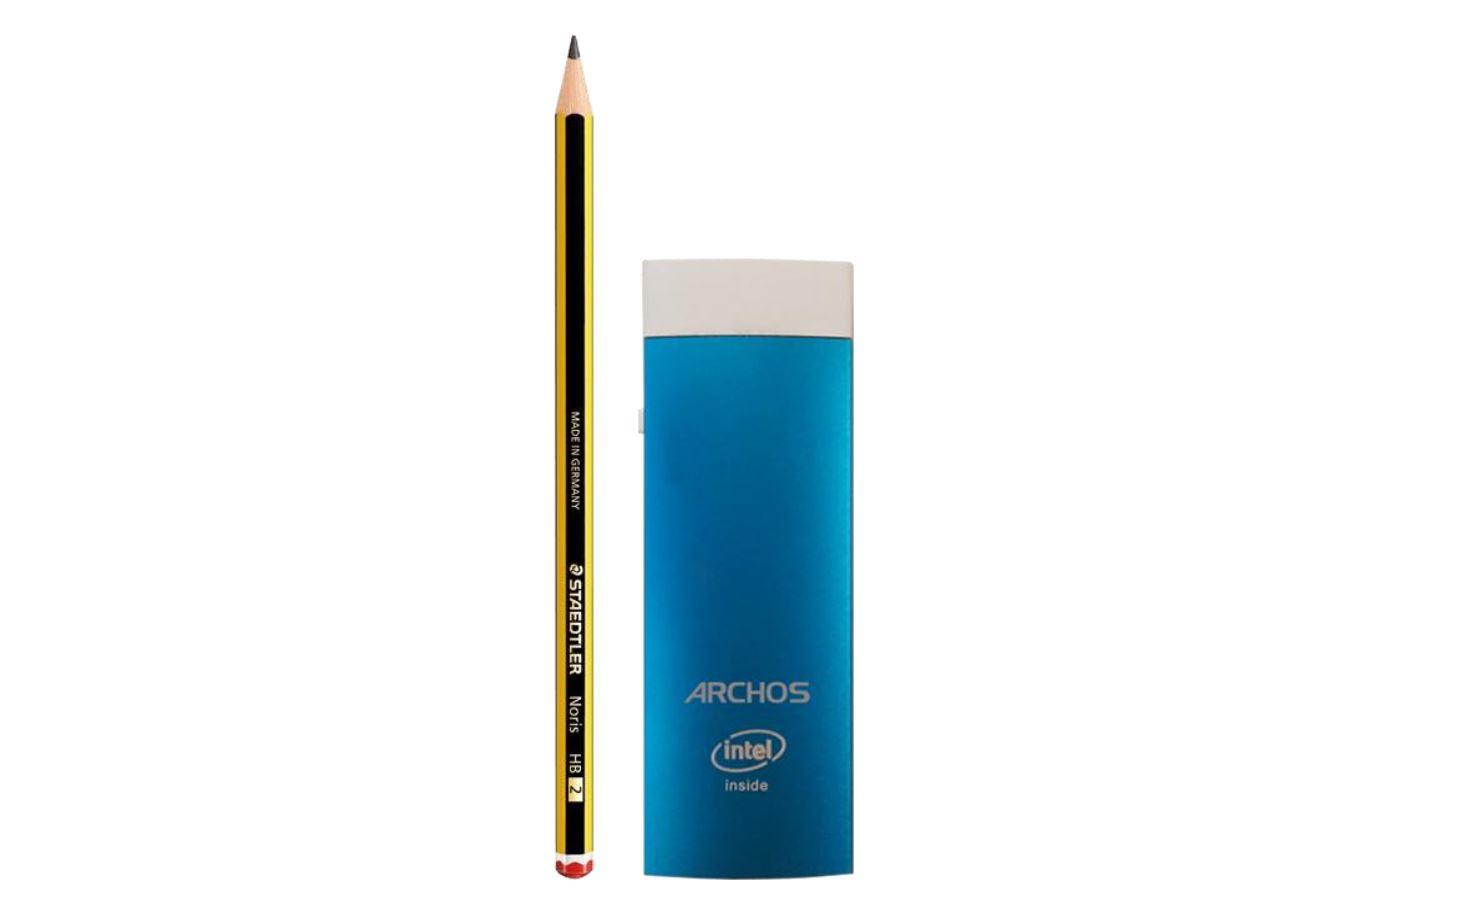 Archos PC Stick1